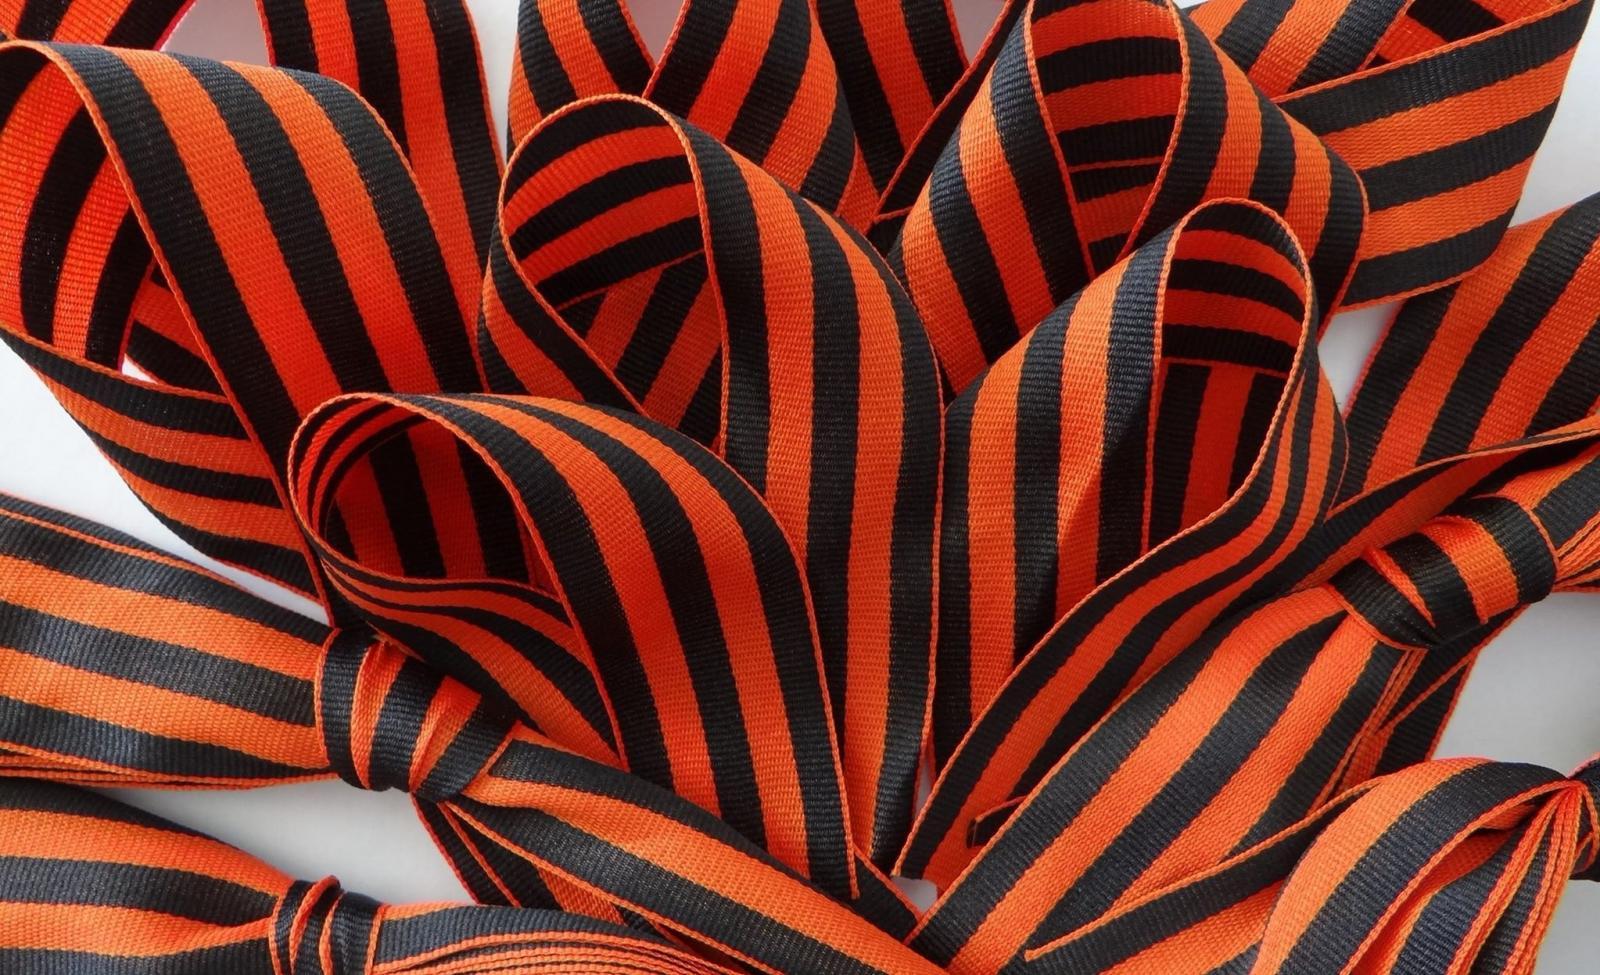 В Нижнем Новгороде продают георгиевские ленточки со свастикой